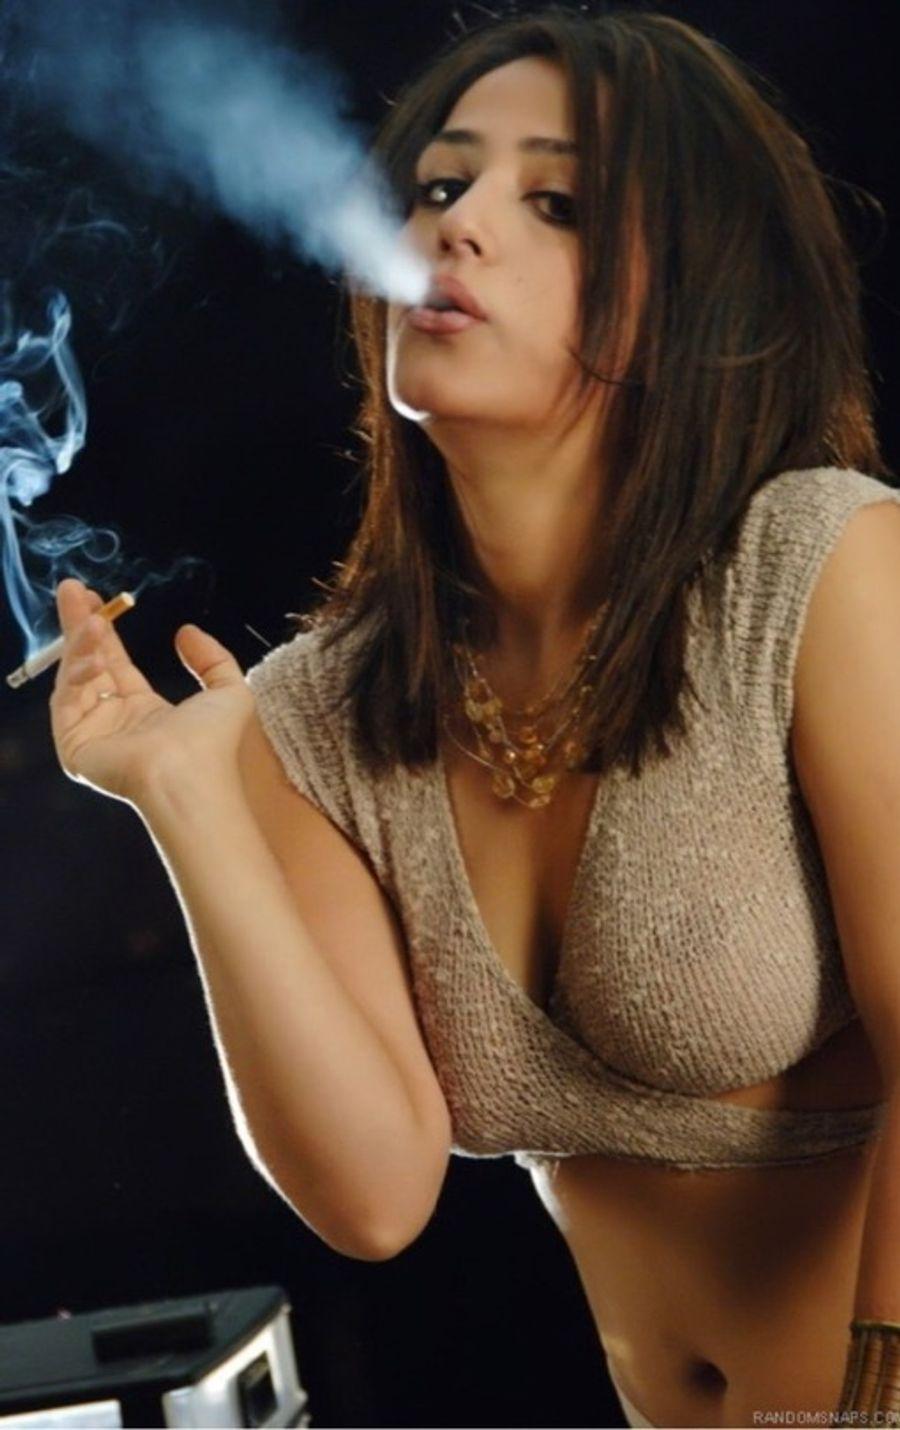 showing-virgin-sexy-girls-blowing-smoke